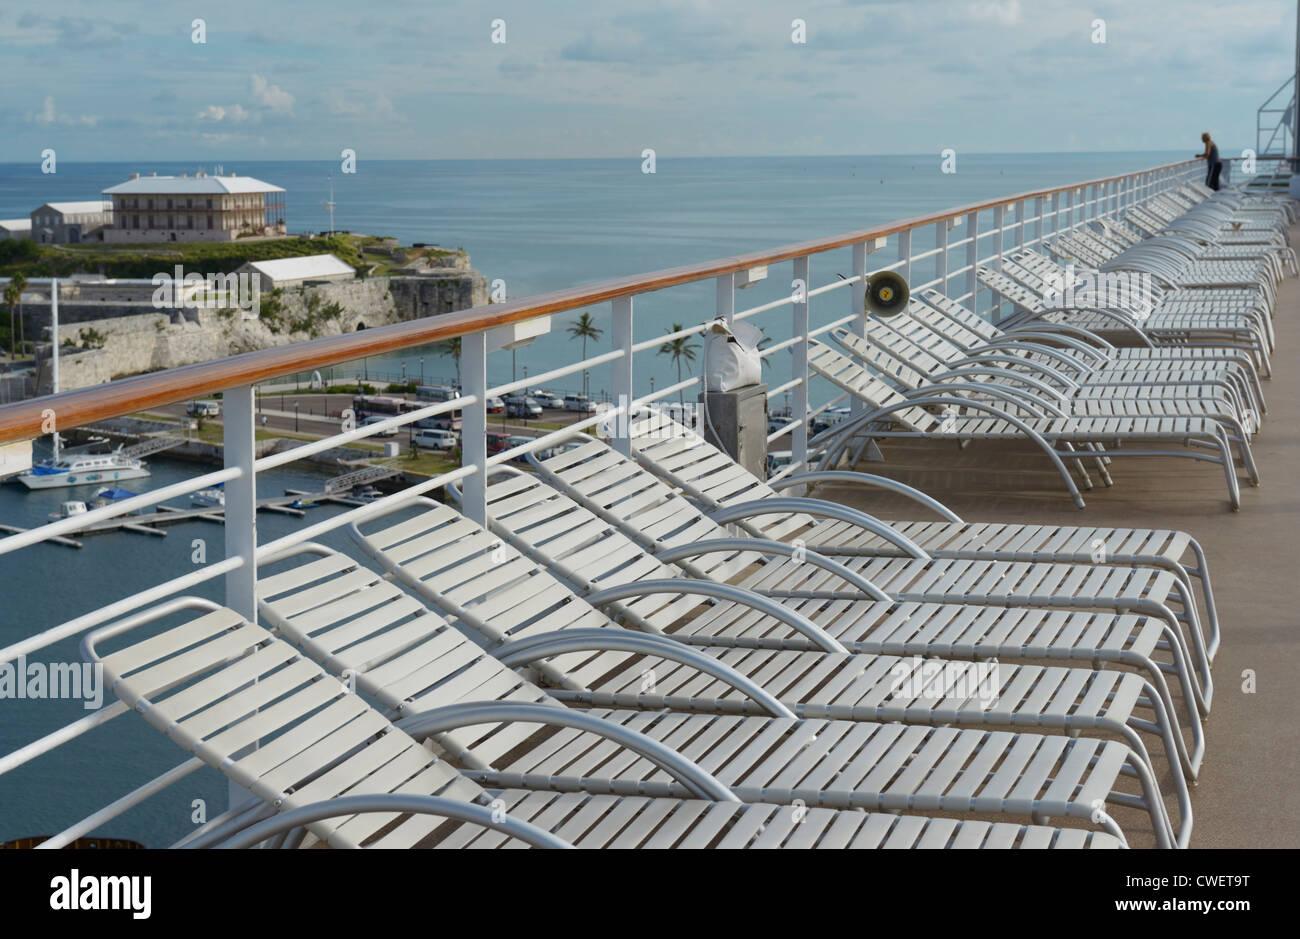 Bateau de croisière vide transats King's Wharf, Bermudes, le commissaire en vue de la maison Banque D'Images